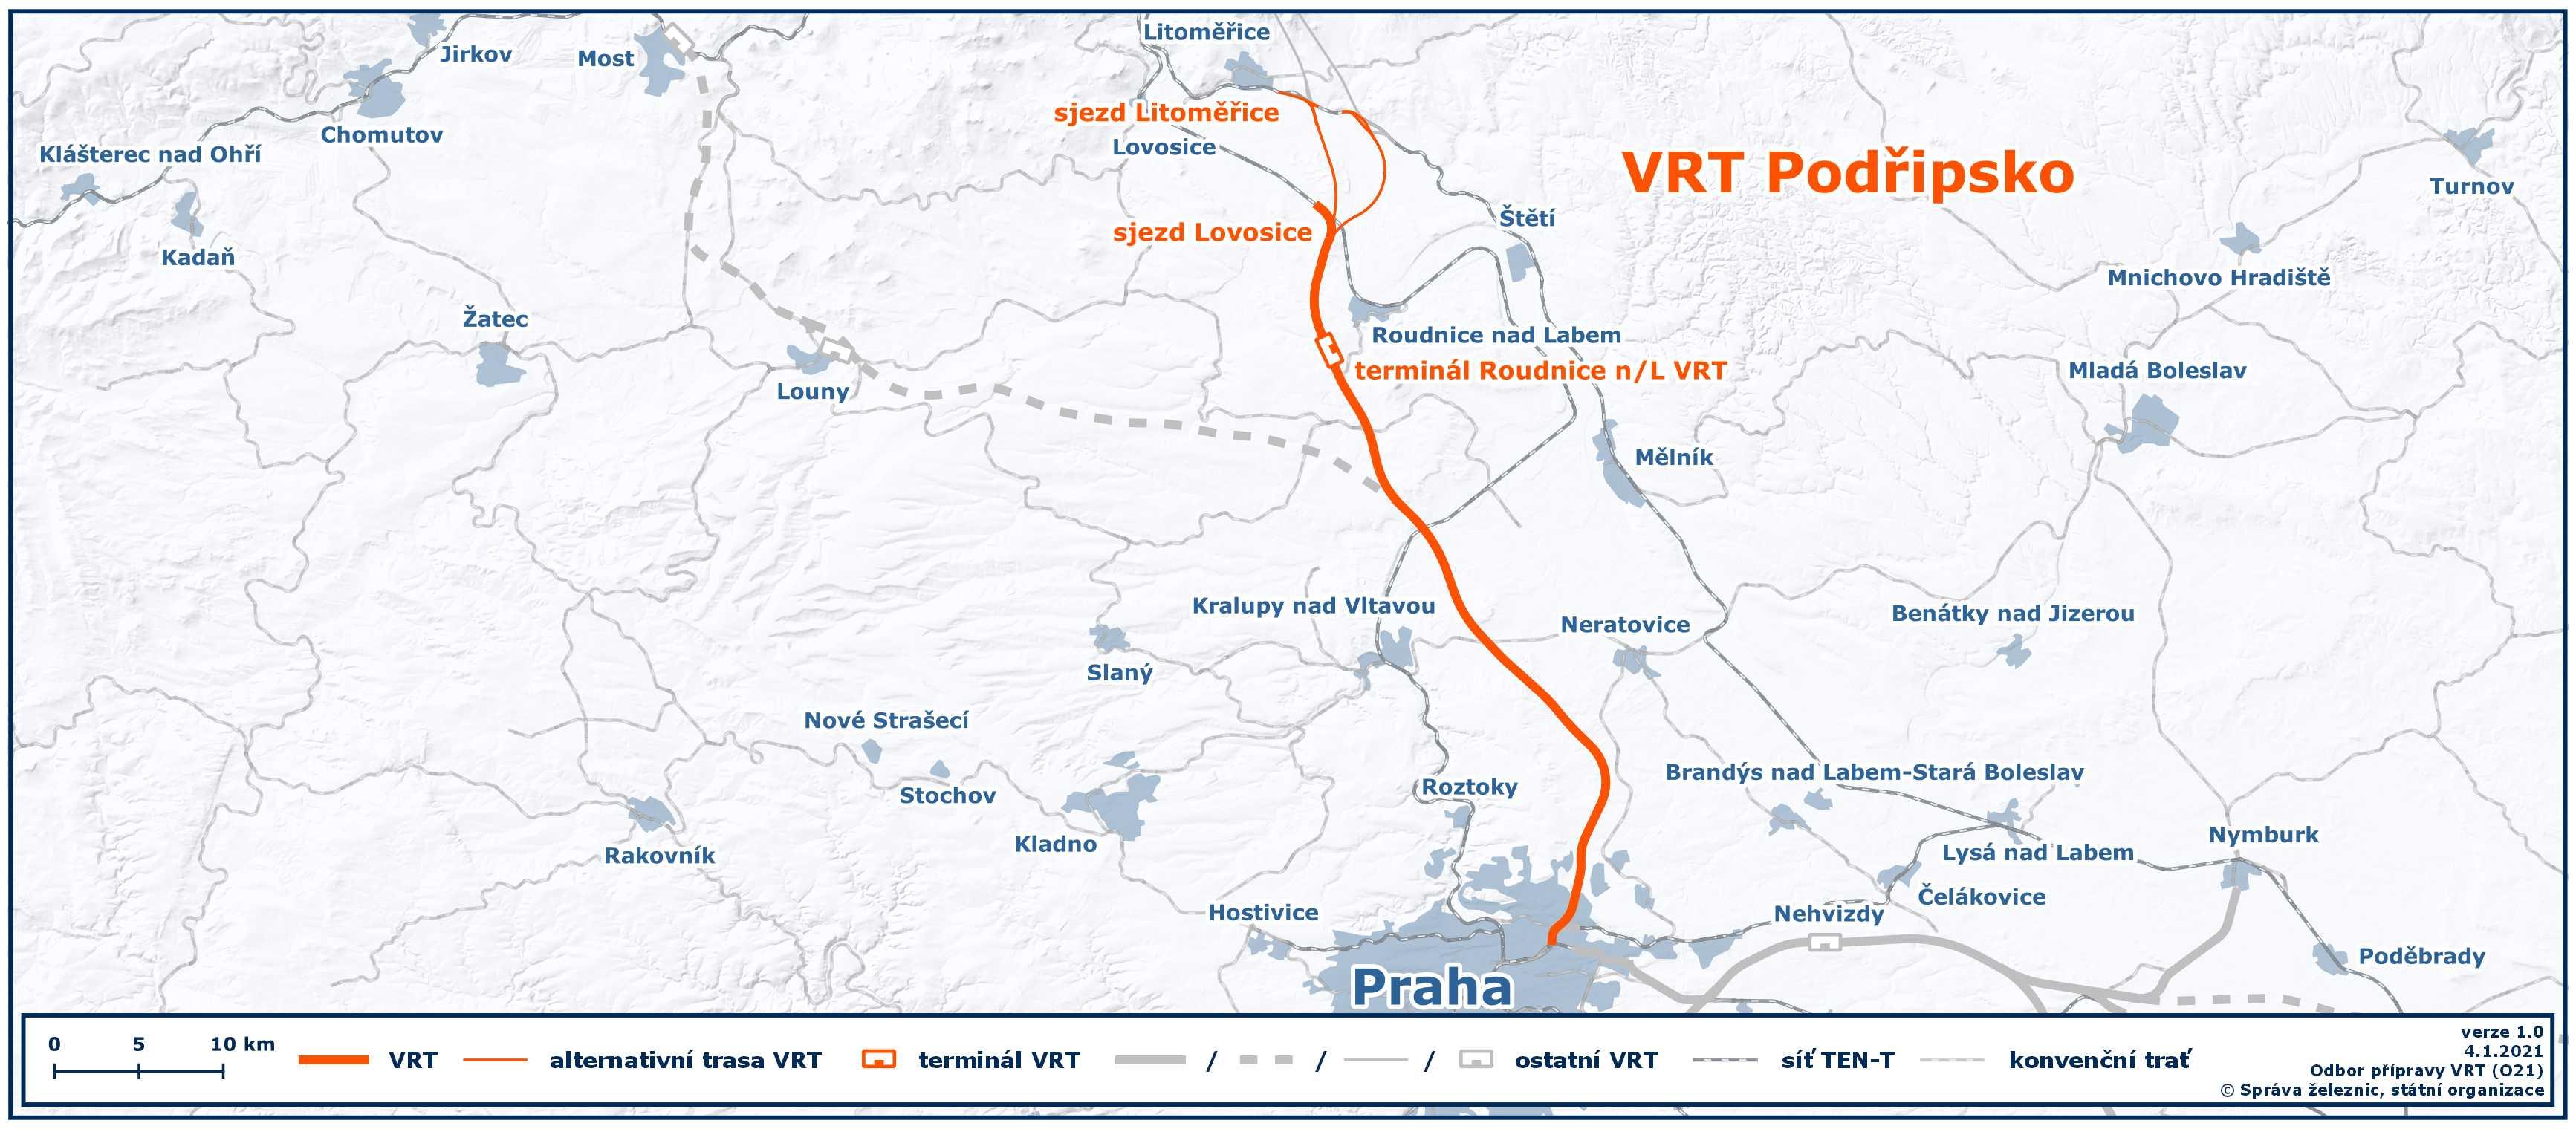 Mapa VRT 4